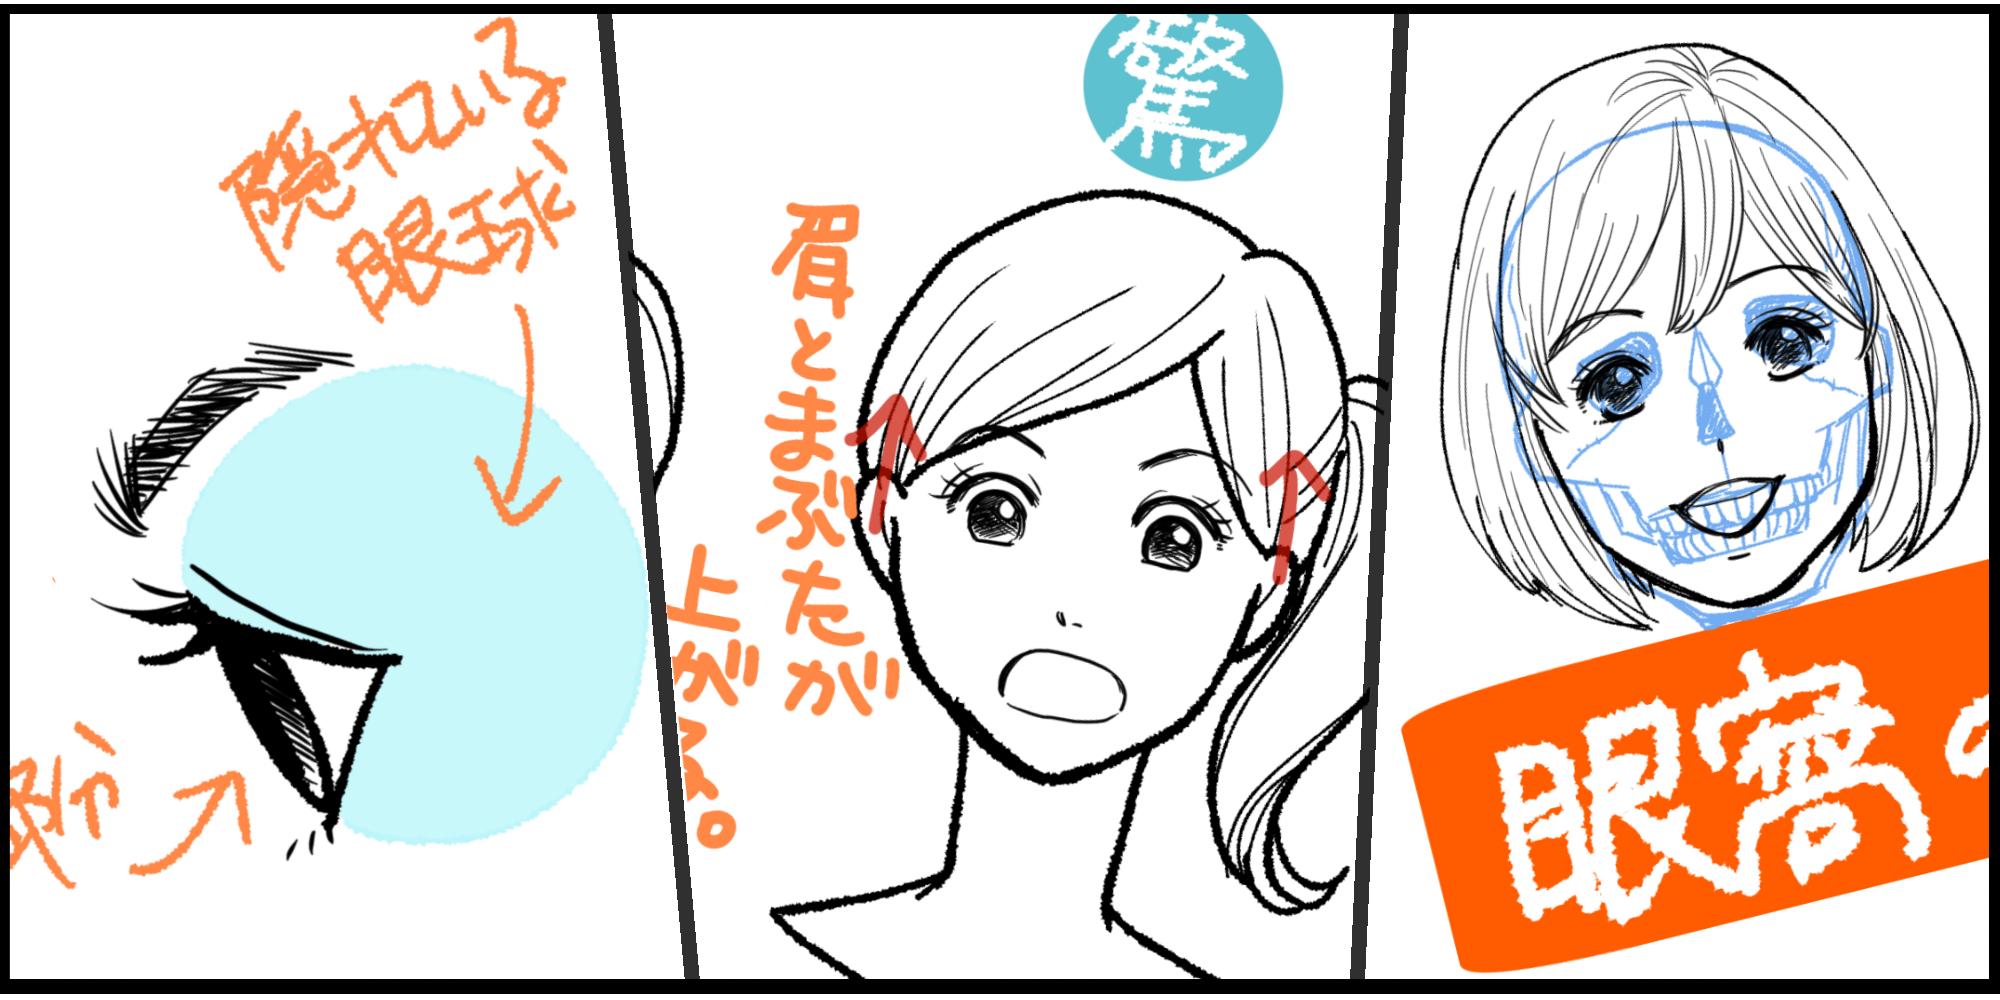 目の描き方_アイキャッチ画像